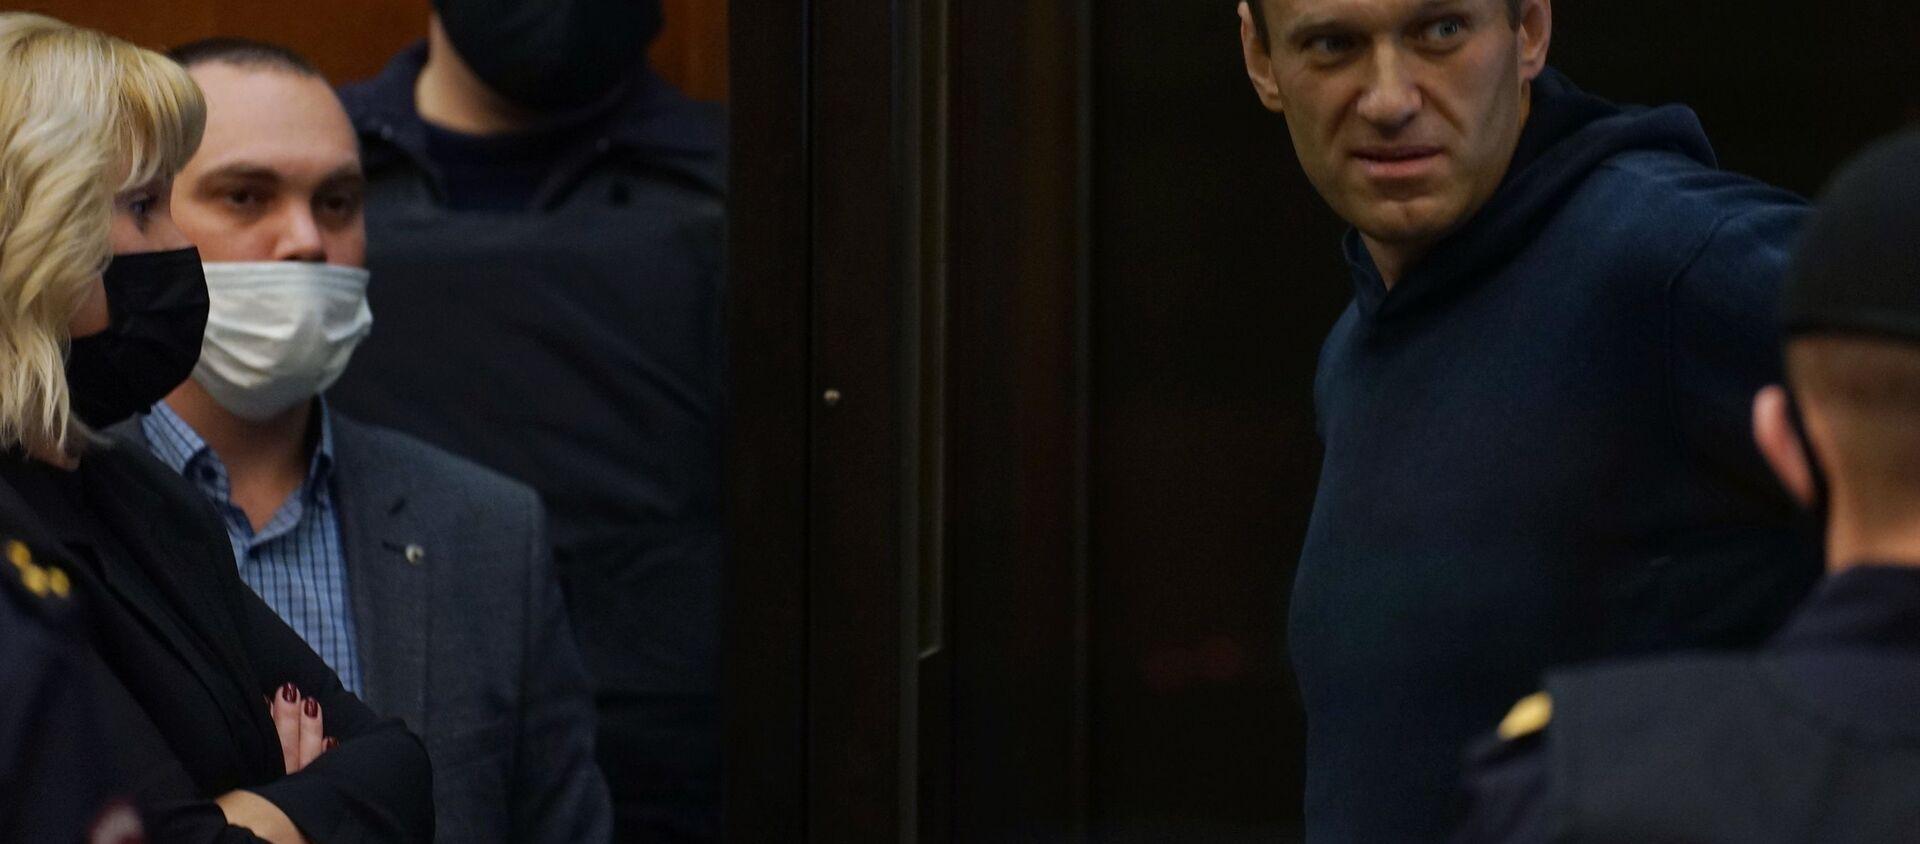 Aleksiej Nawalny w moskiewskim sądzie, 2 lutego 2021 r - Sputnik Polska, 1920, 02.02.2021